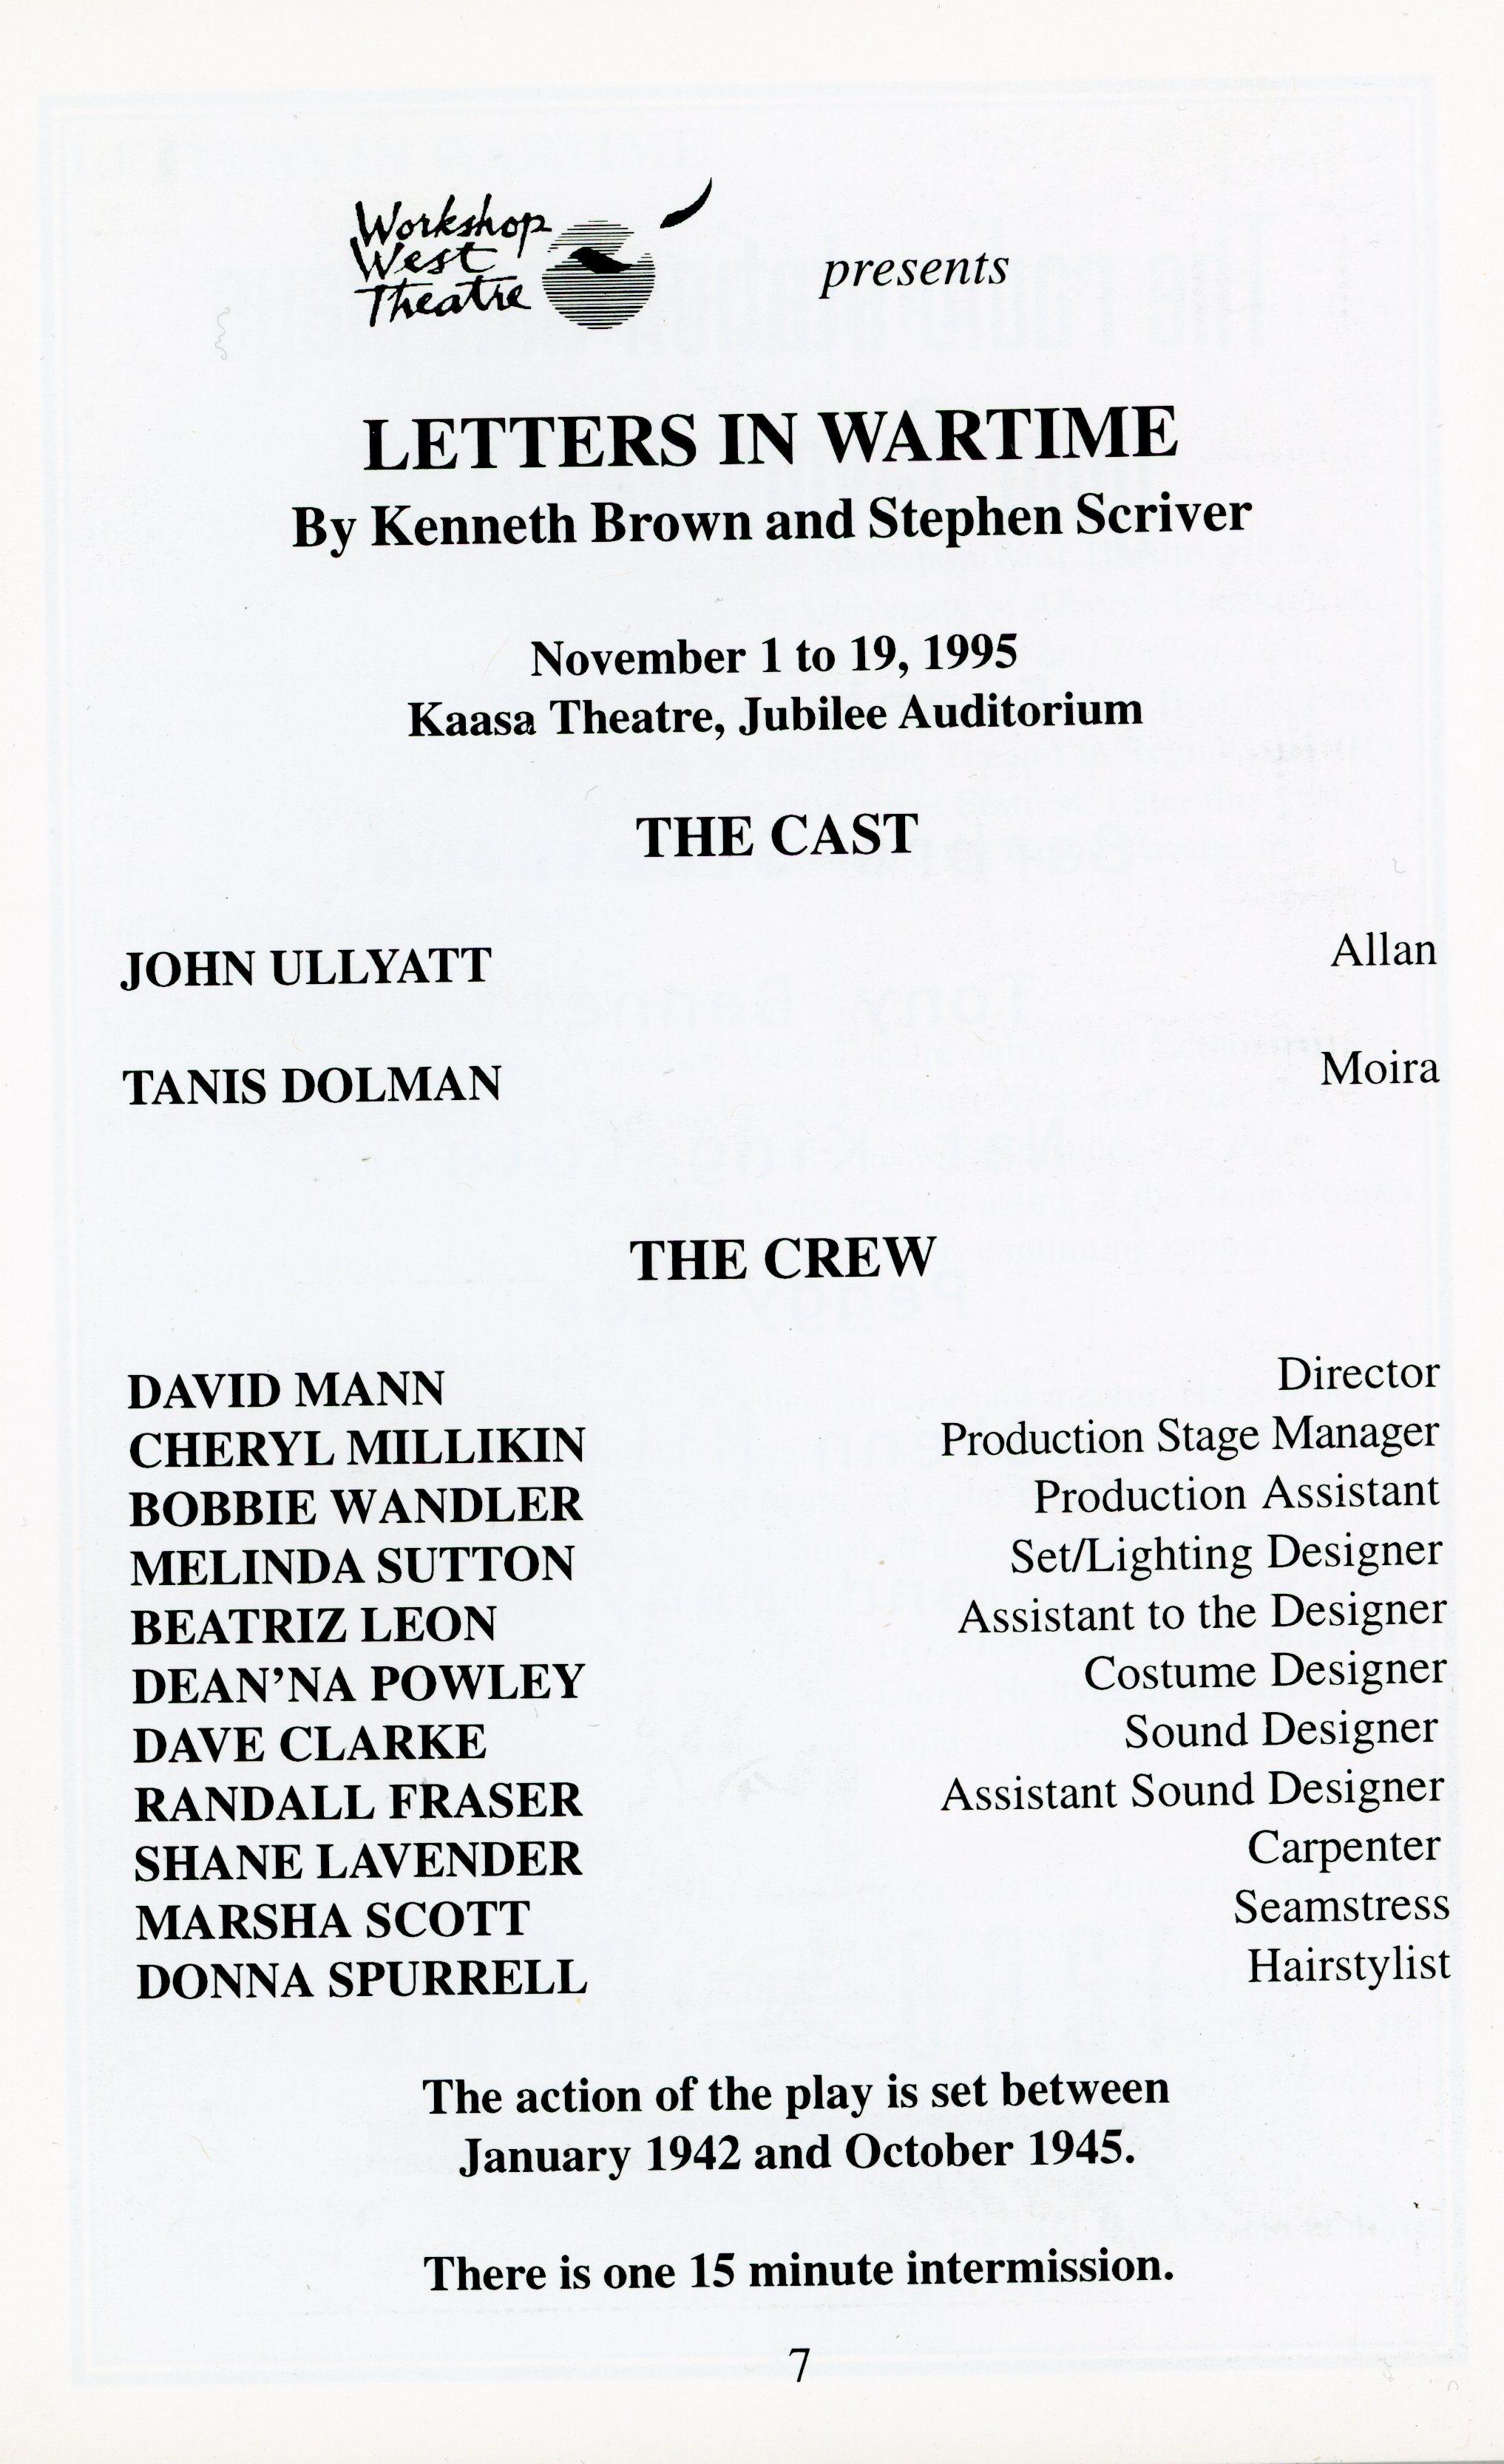 Letters in Wartime (Nov 1995)-Production Information_JPEG.jpg